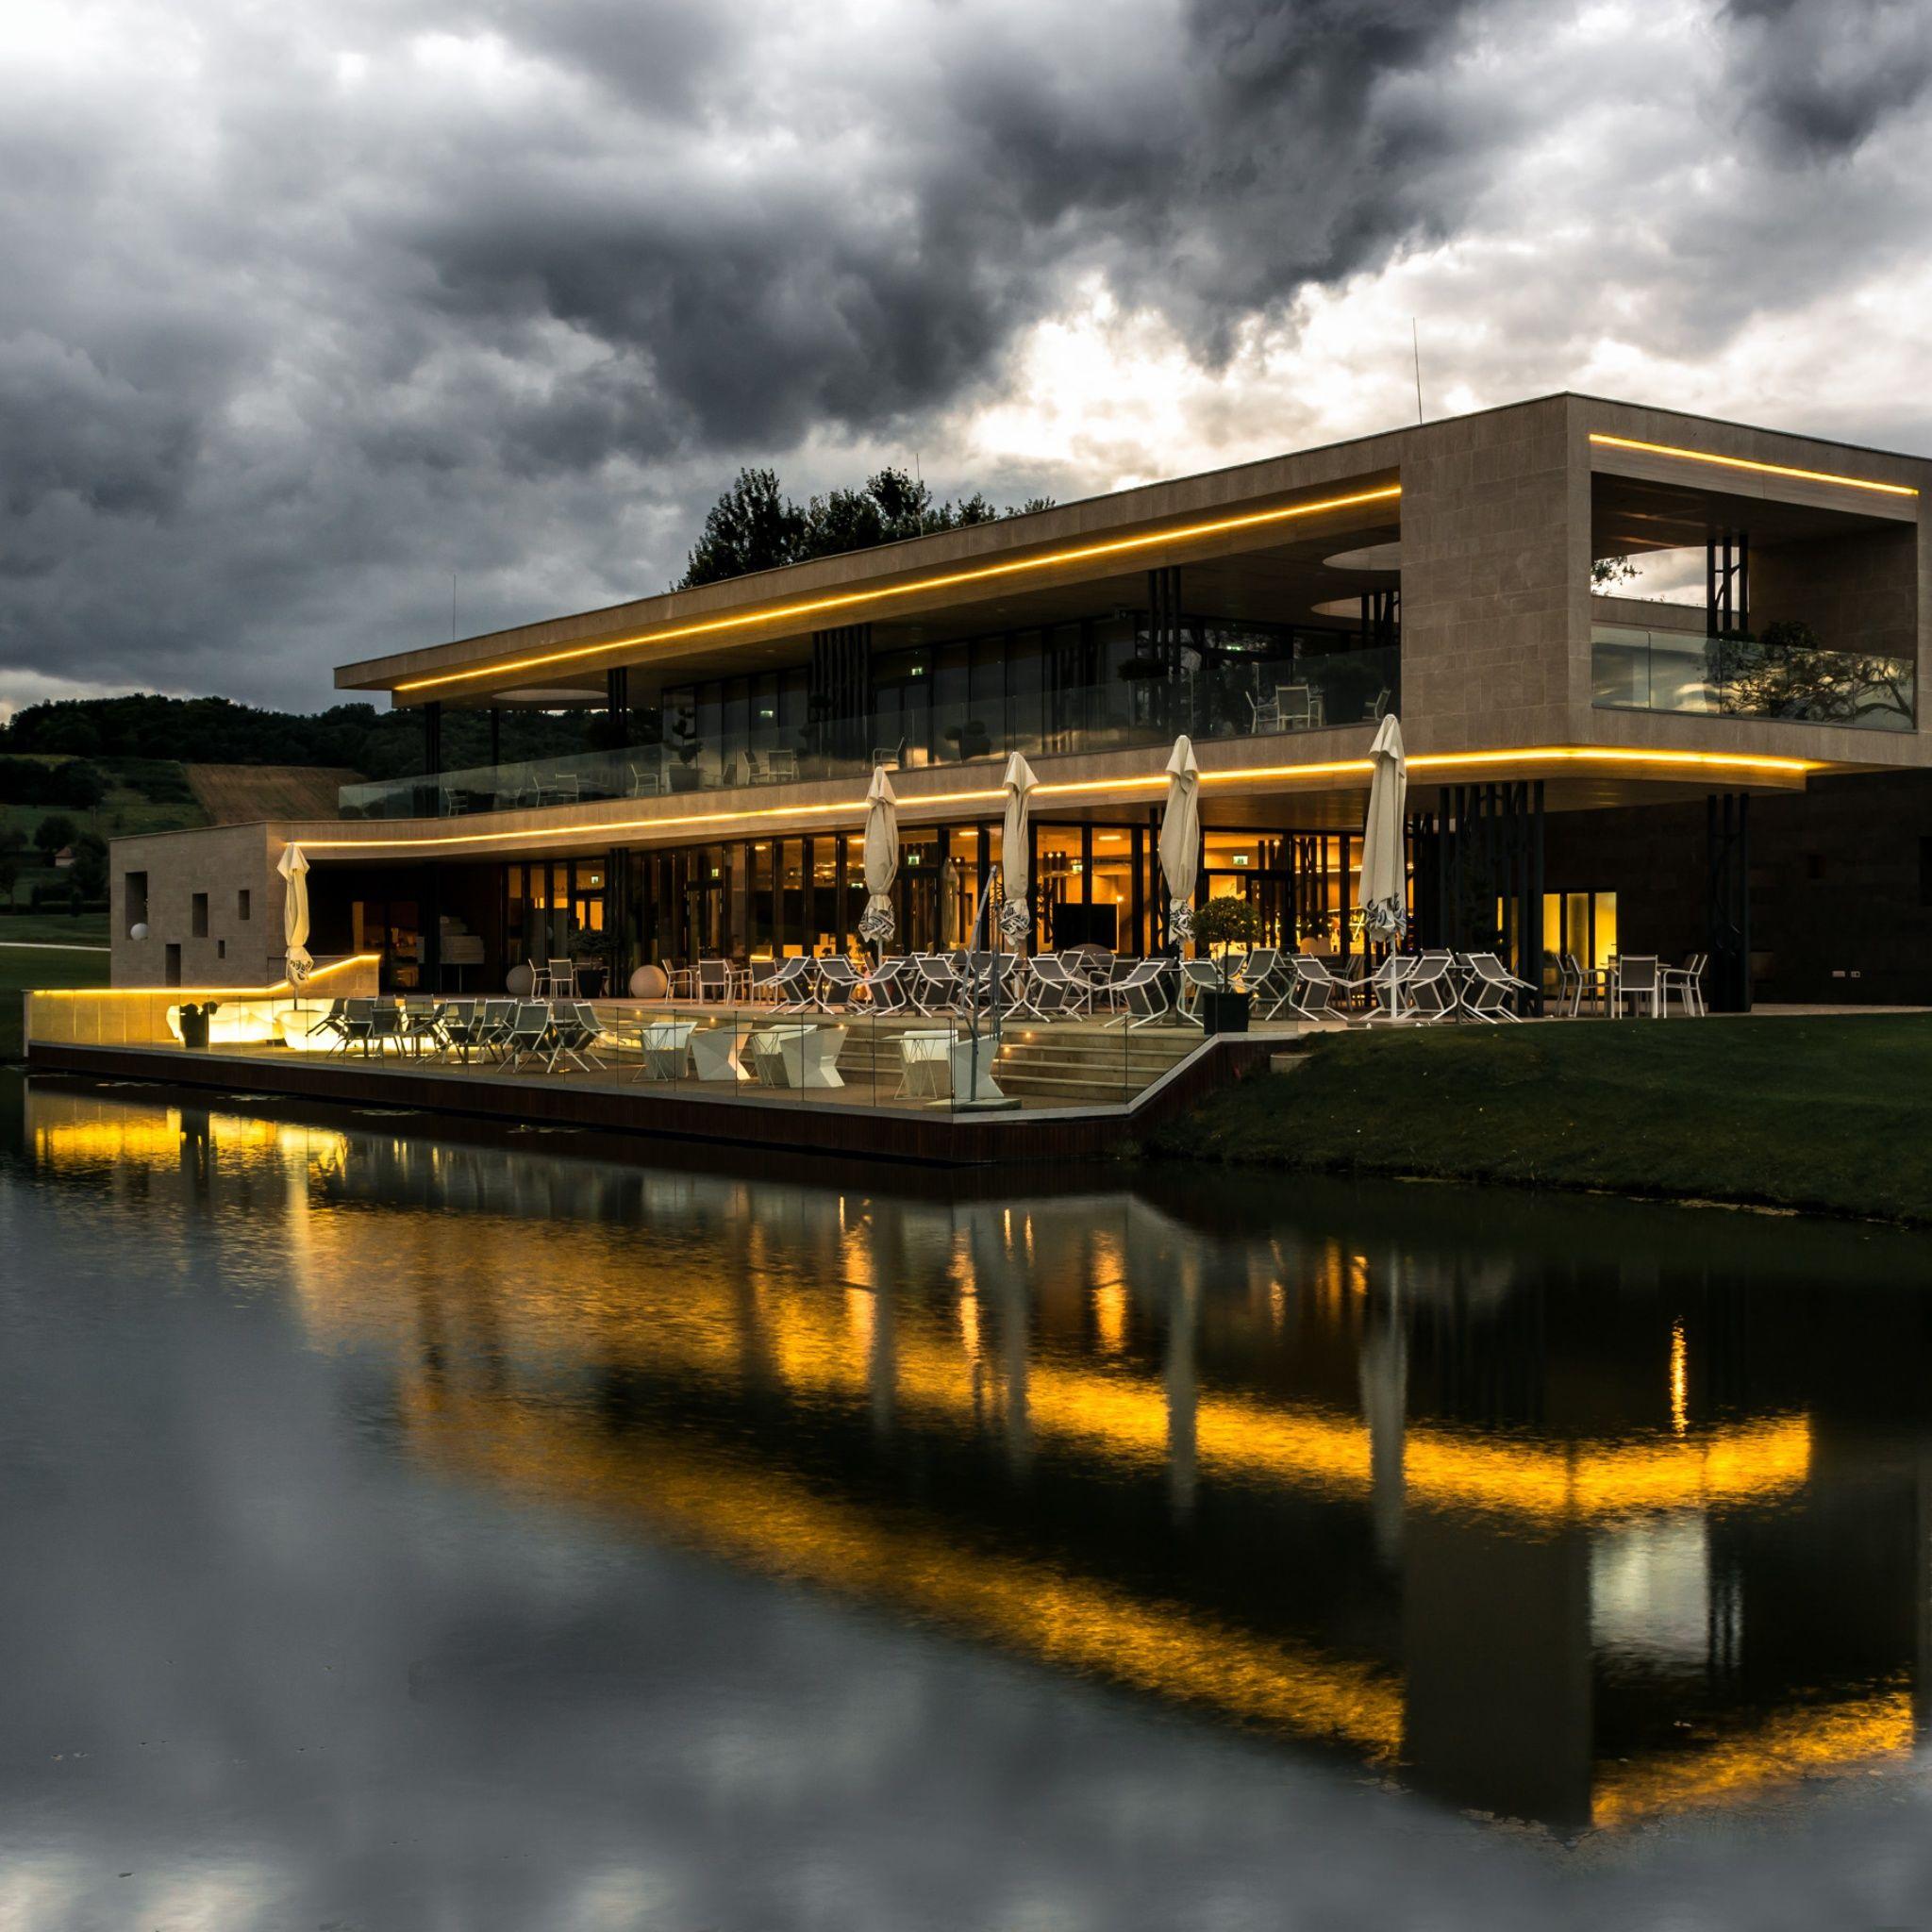 Zala Springs Golf Resort Zalacsány - Háromszintes, 3000 m2-es épület építészetileg is különleges, belső terei átgondolt, letisztult vonalvezetést tükröznek, melyet nemcsak az építész szakma de az ügyfeleink is nagyra értékelnek.